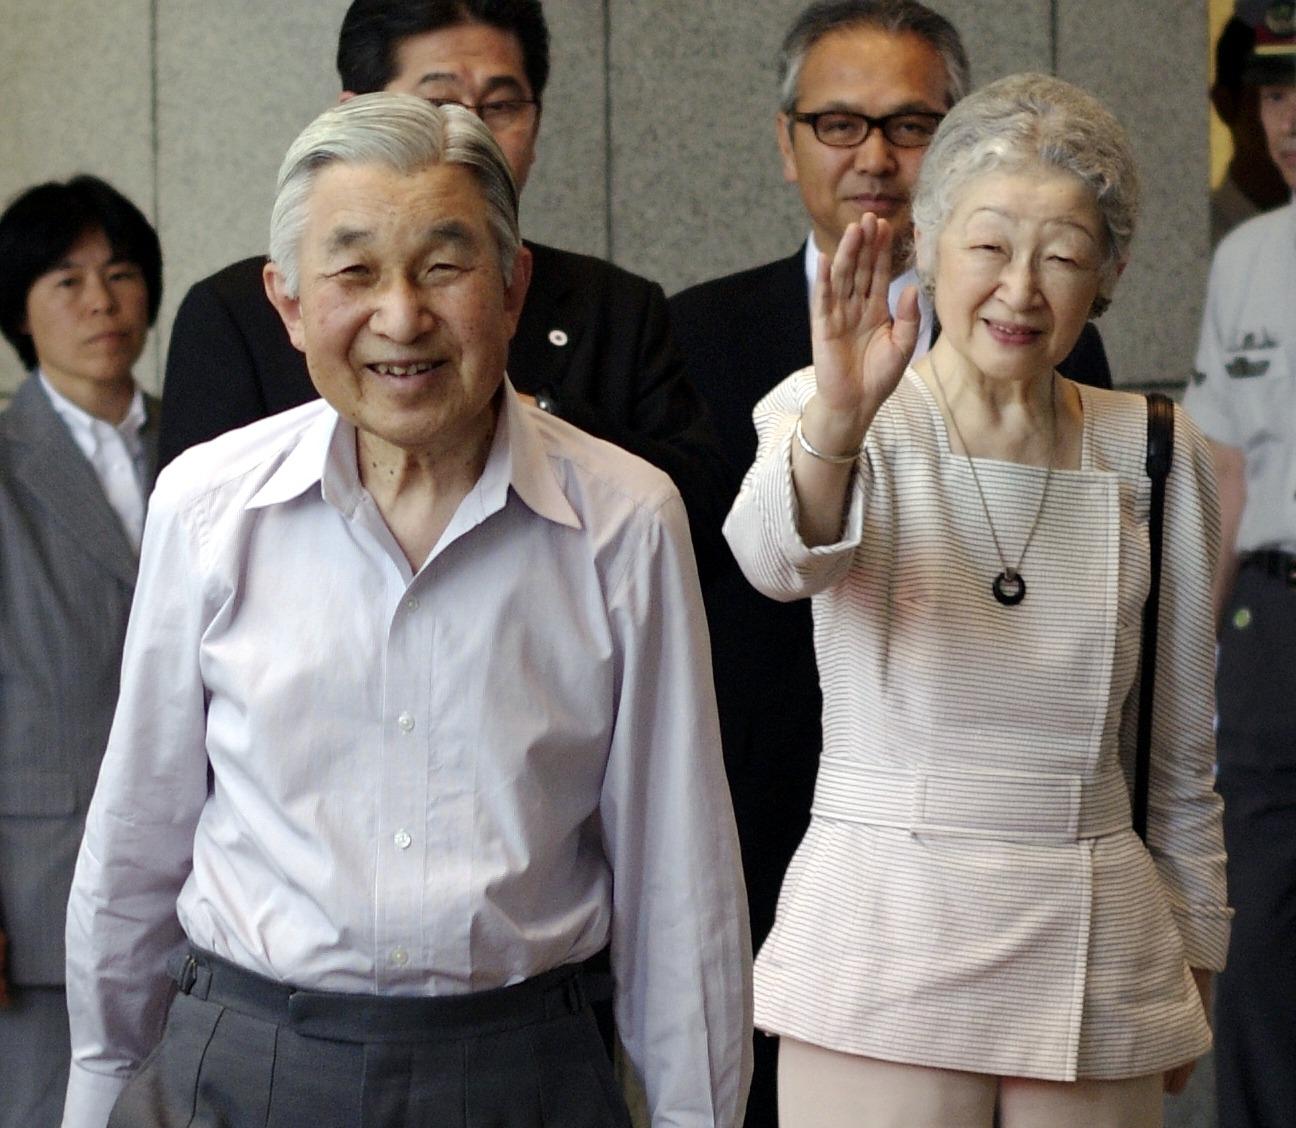 Emperor_Akihito_and_Empress_Michiko_cropped_2_Emperor_Akihito_Empress_Michiko_and_Yasuyoshi_Umehara_20120727